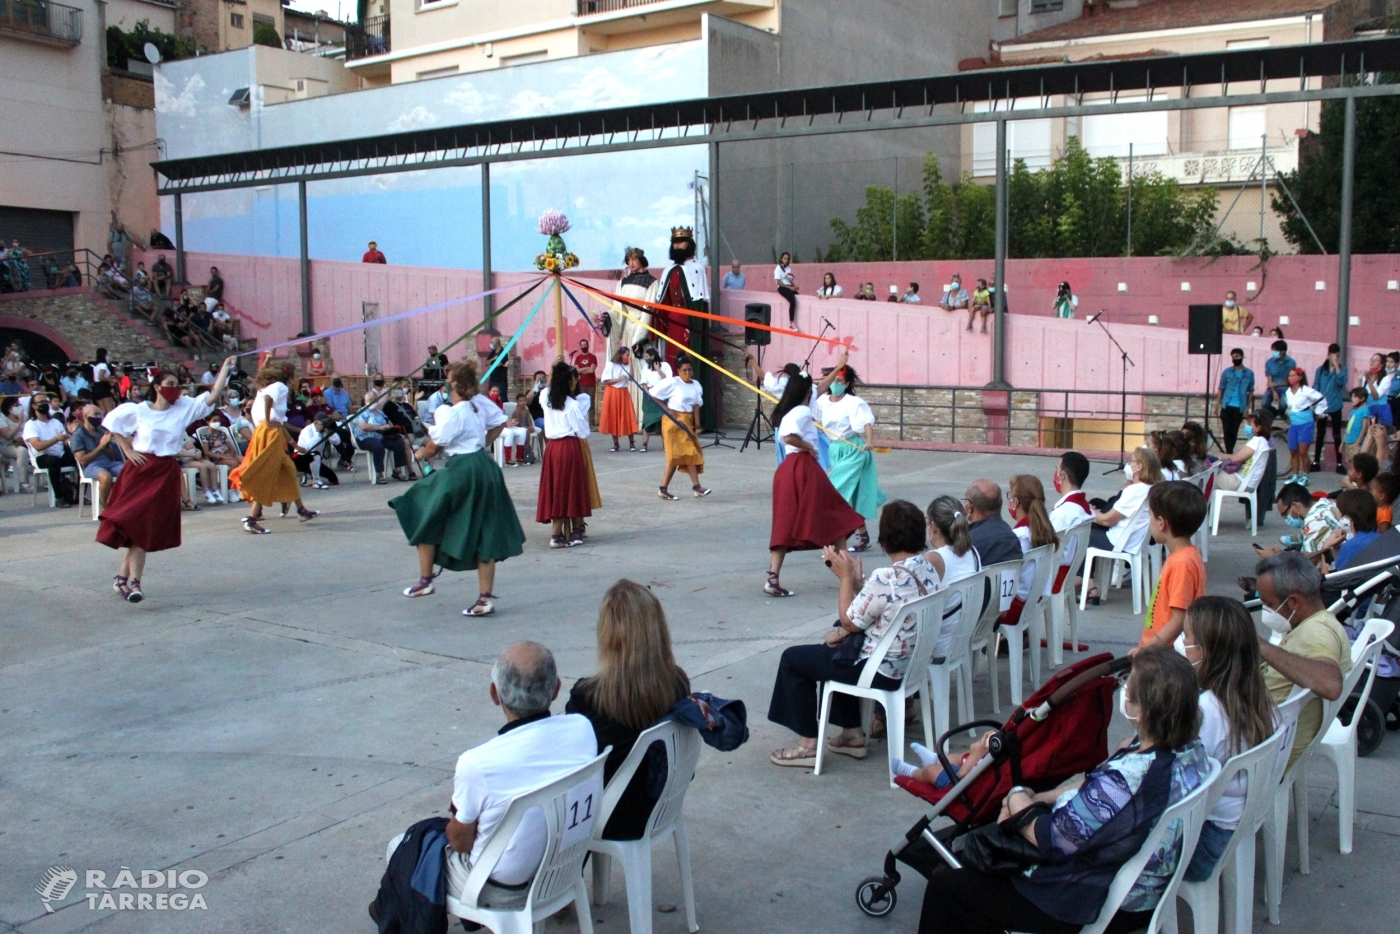 Èxit de la mostra de cultura popular a les Festes de Setembre de Tàrrega